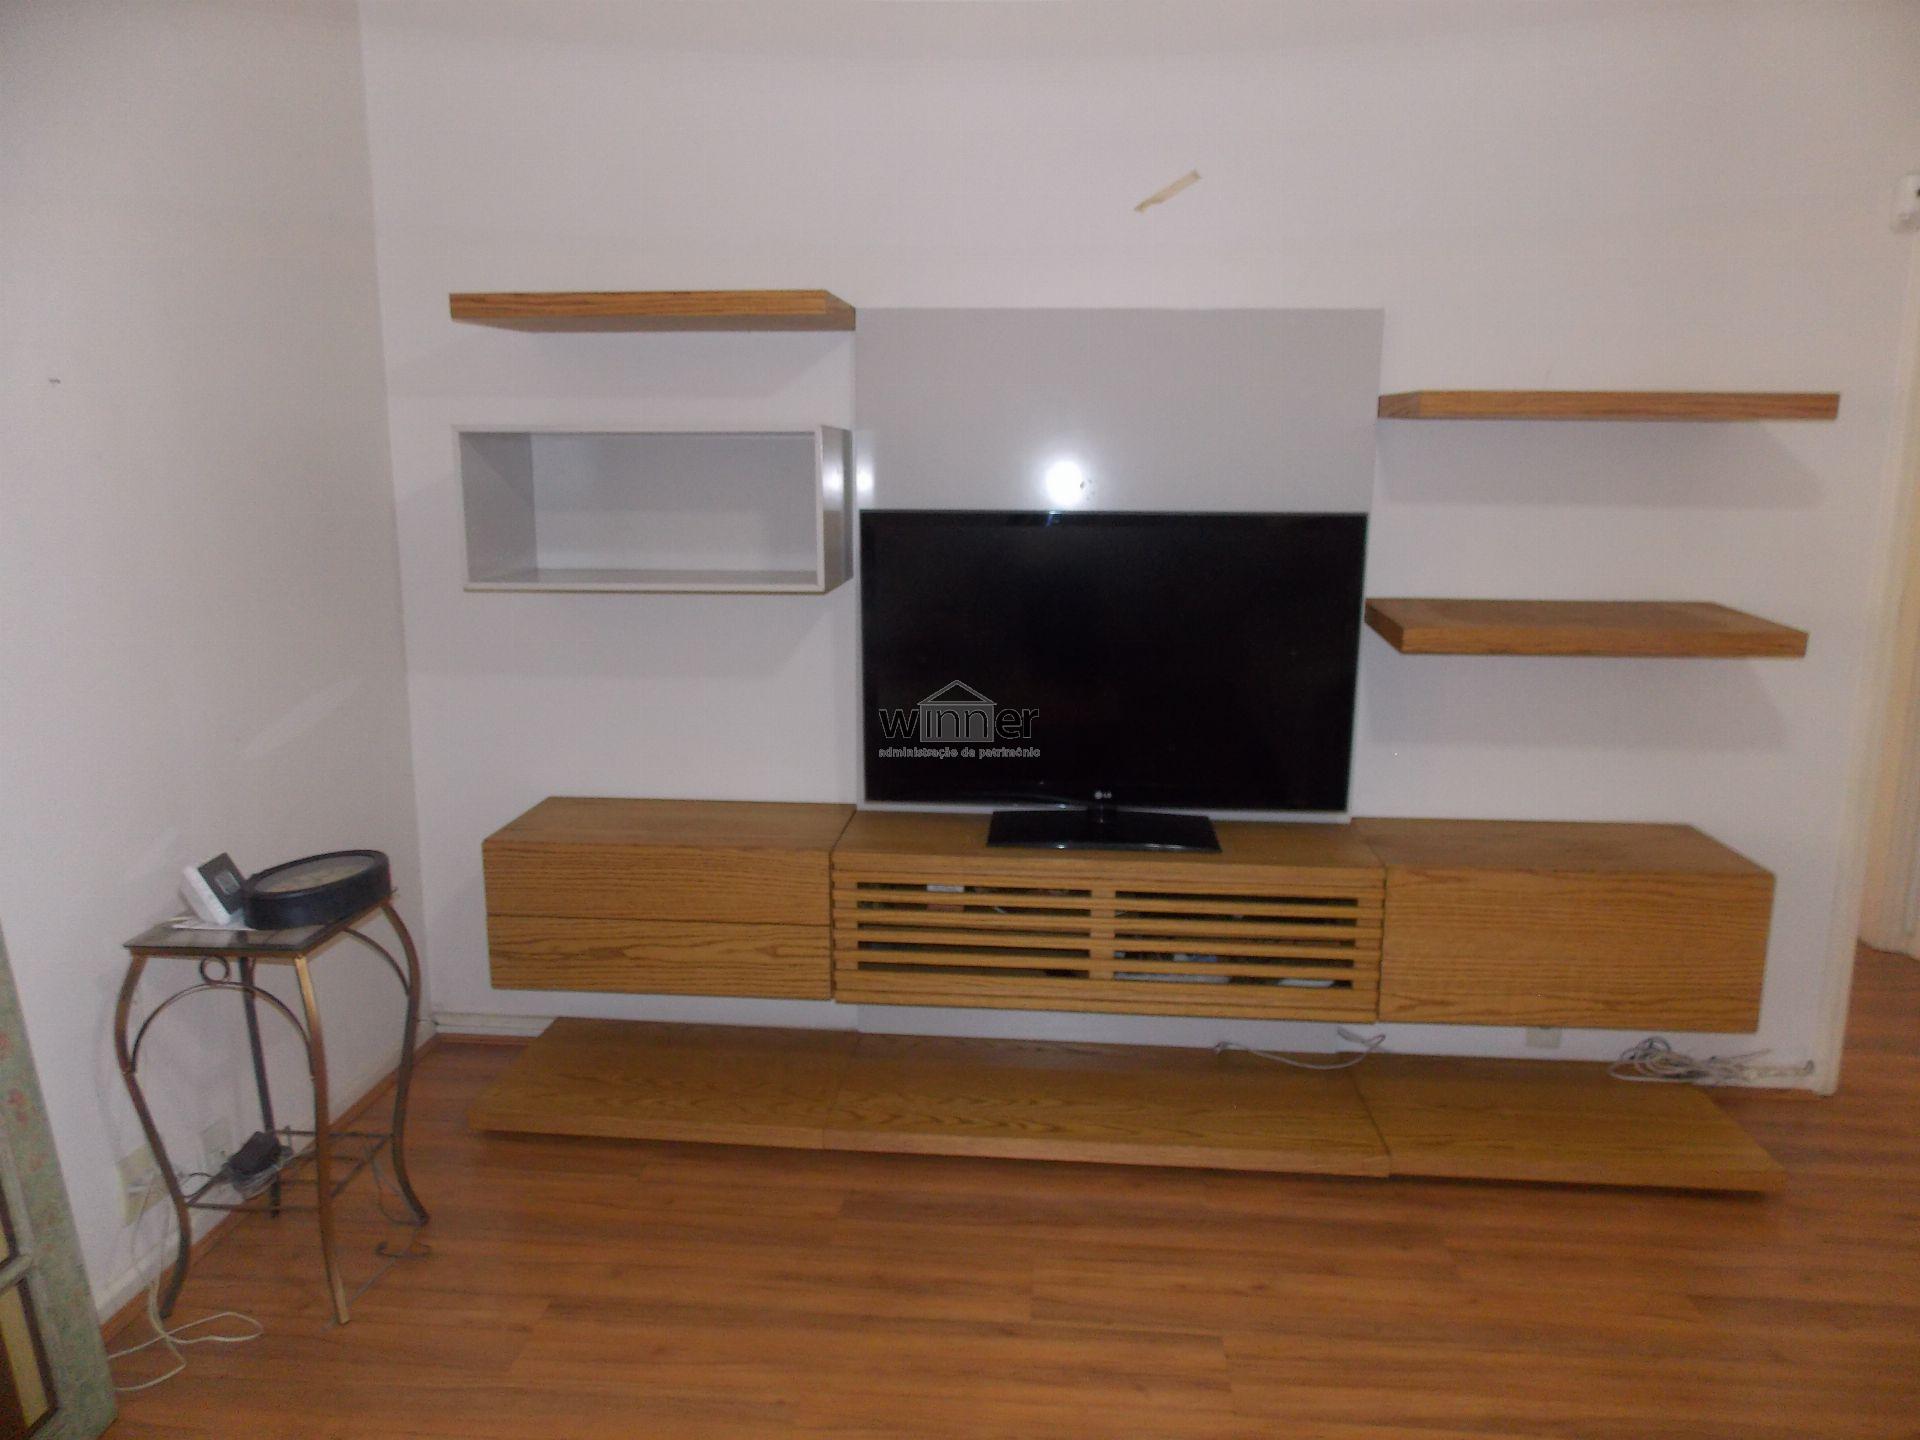 Apartamento para alugar , Santa Teresa, Rio de Janeiro, RJ - 0993-002 - 3